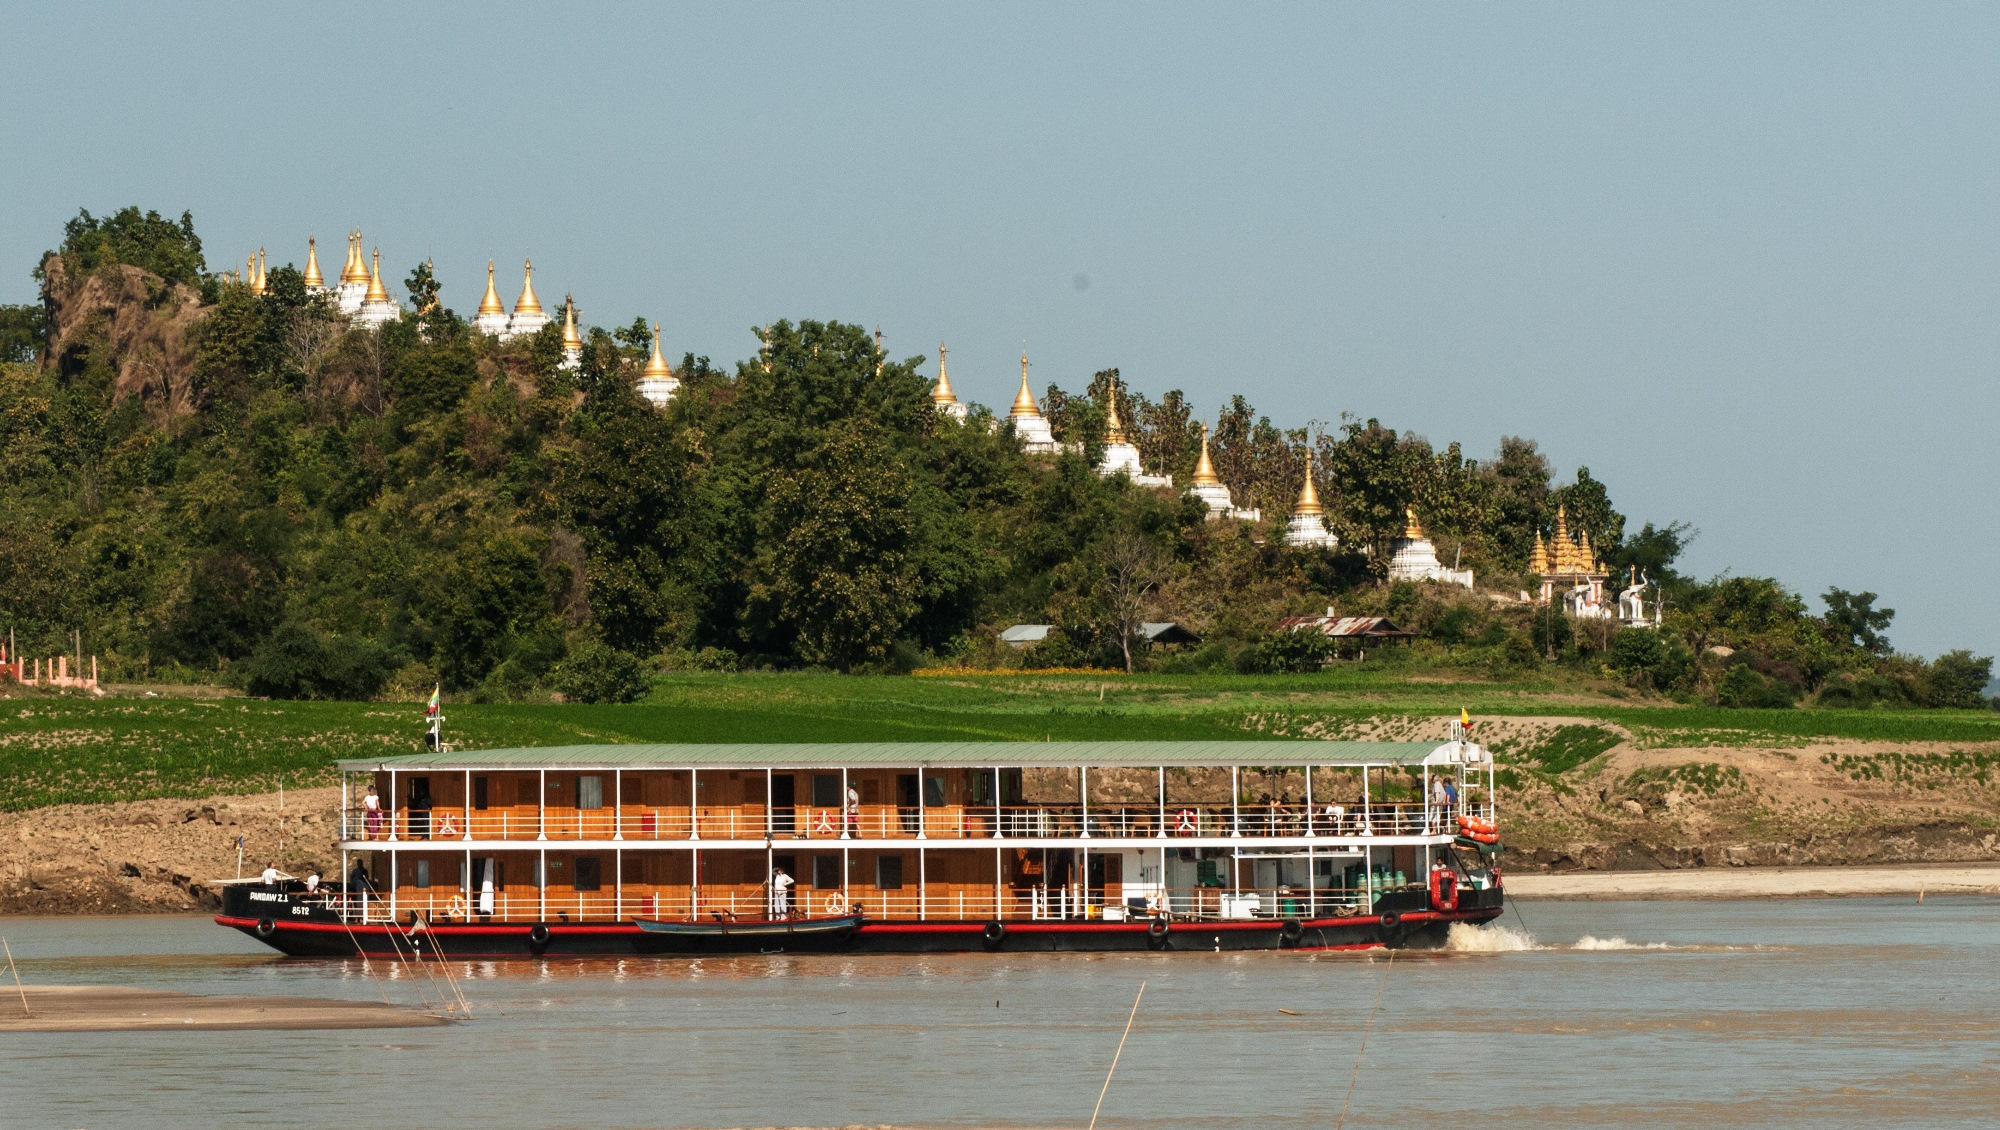 ZAWGYI River Yacht - Main Shot